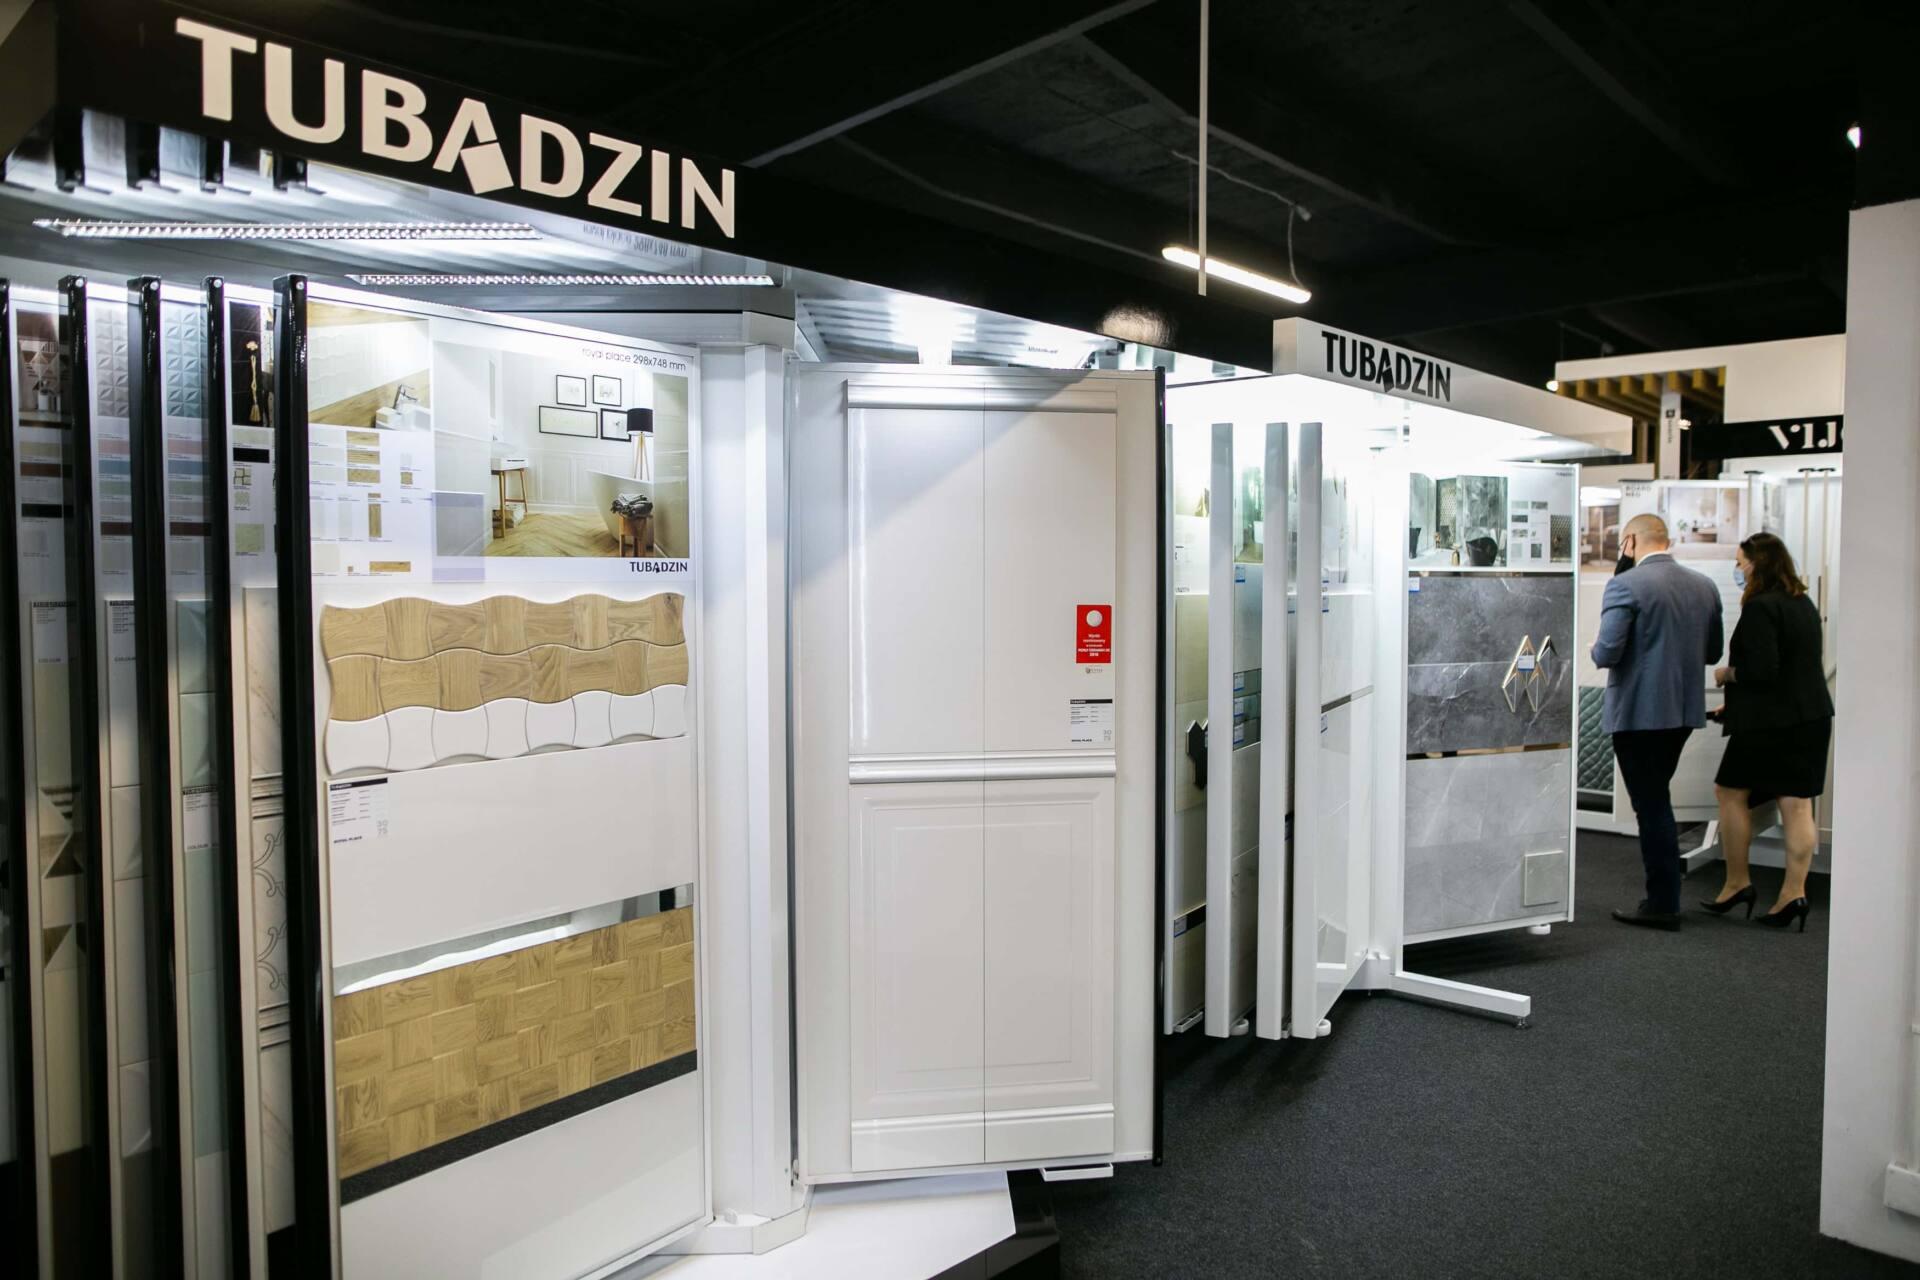 5db 5571 Salon BLU: na ponad 500 m2., 36 łazienkowych aranżacji i bogata ekspozycja wyposażenia (zdjęcia)